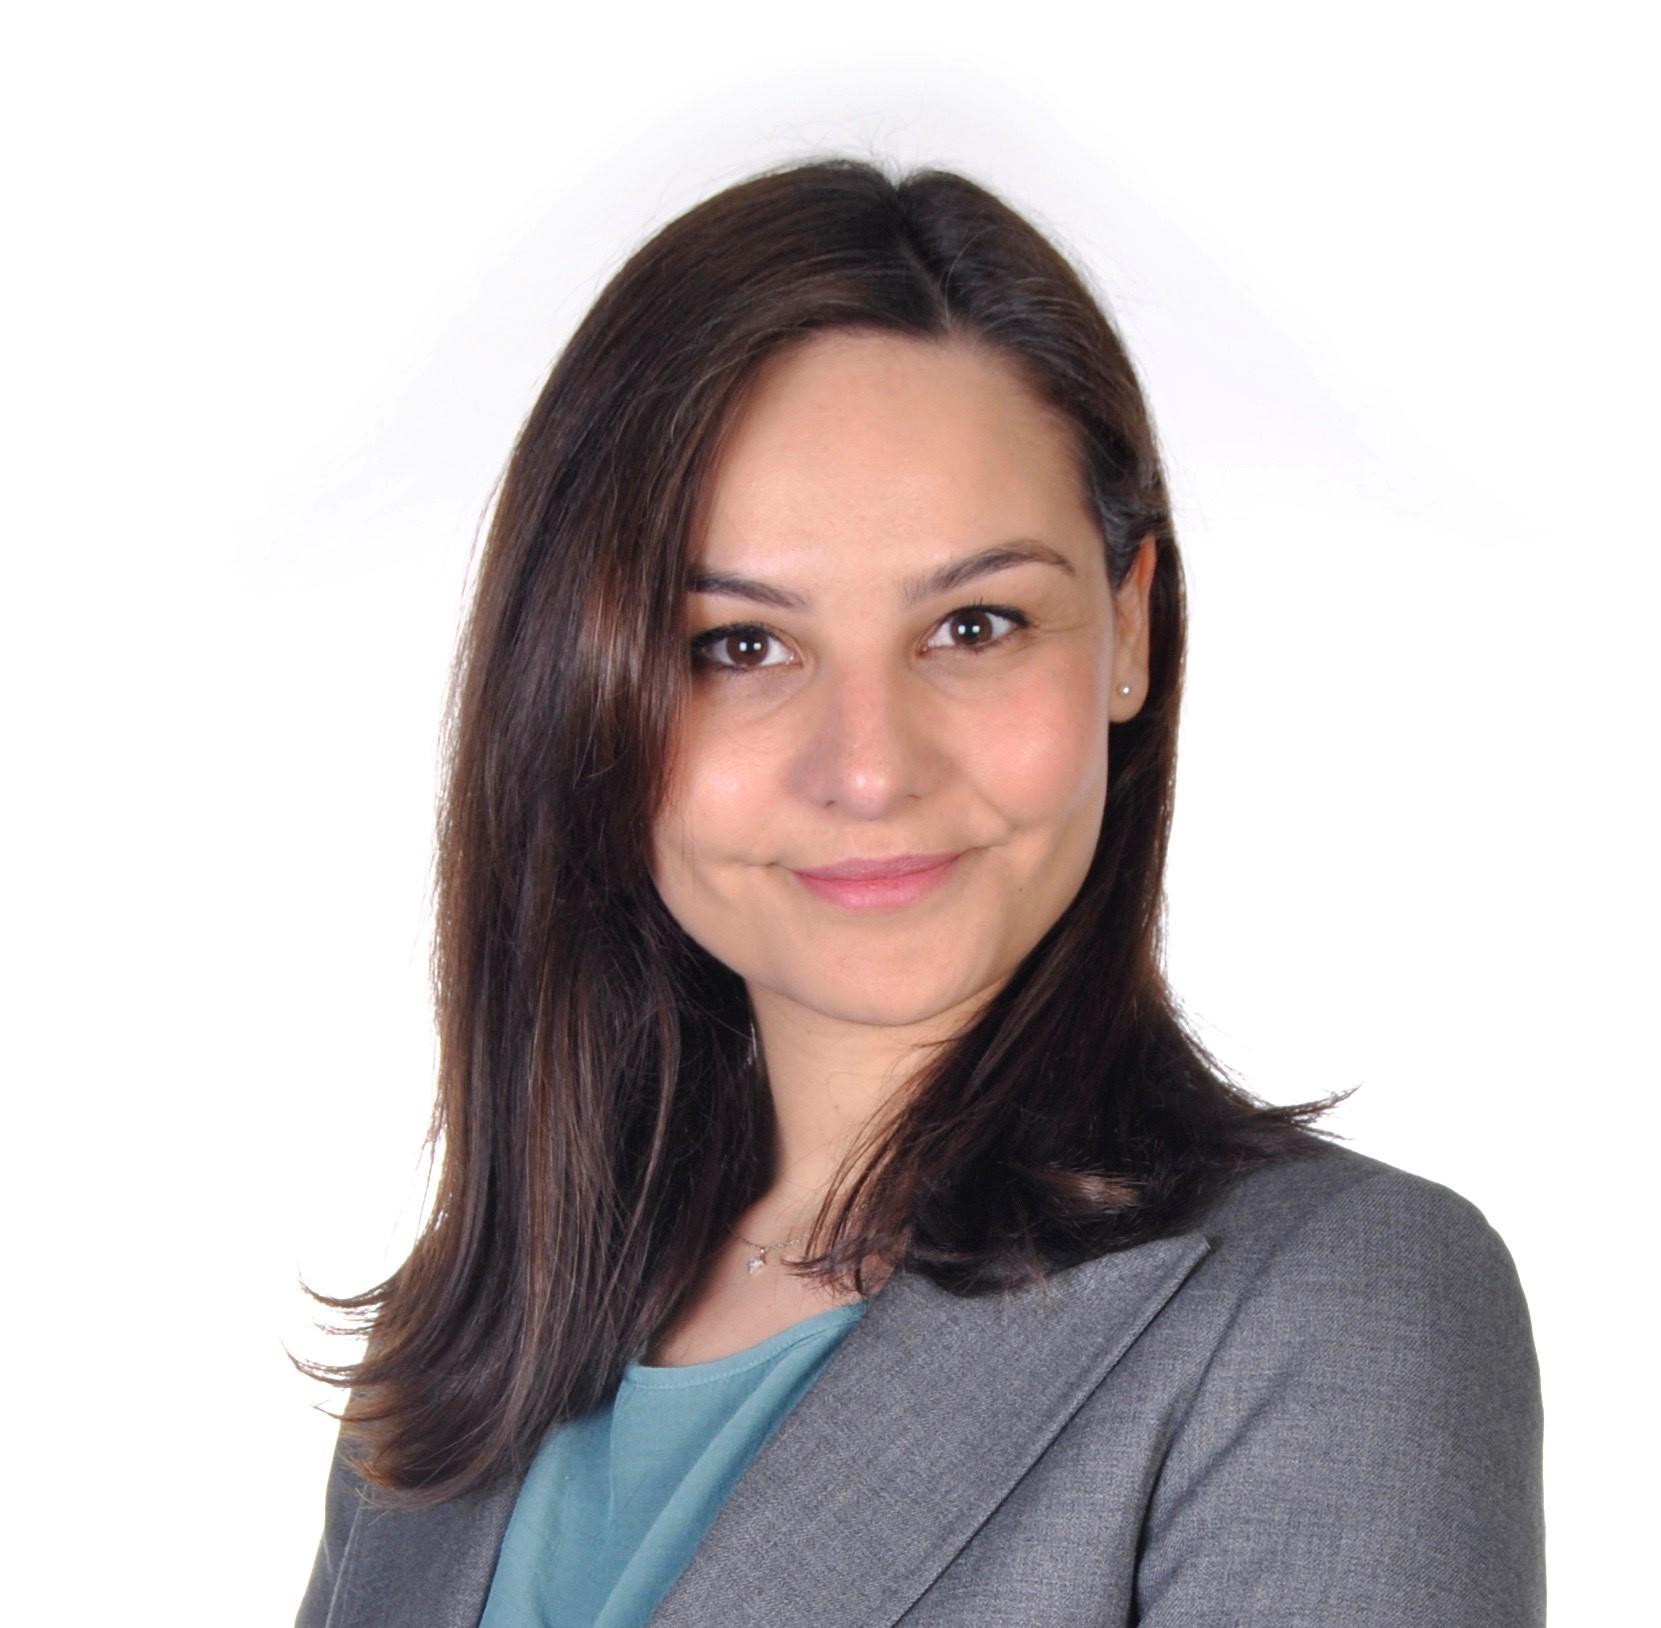 Ana Vasconcelos Martins